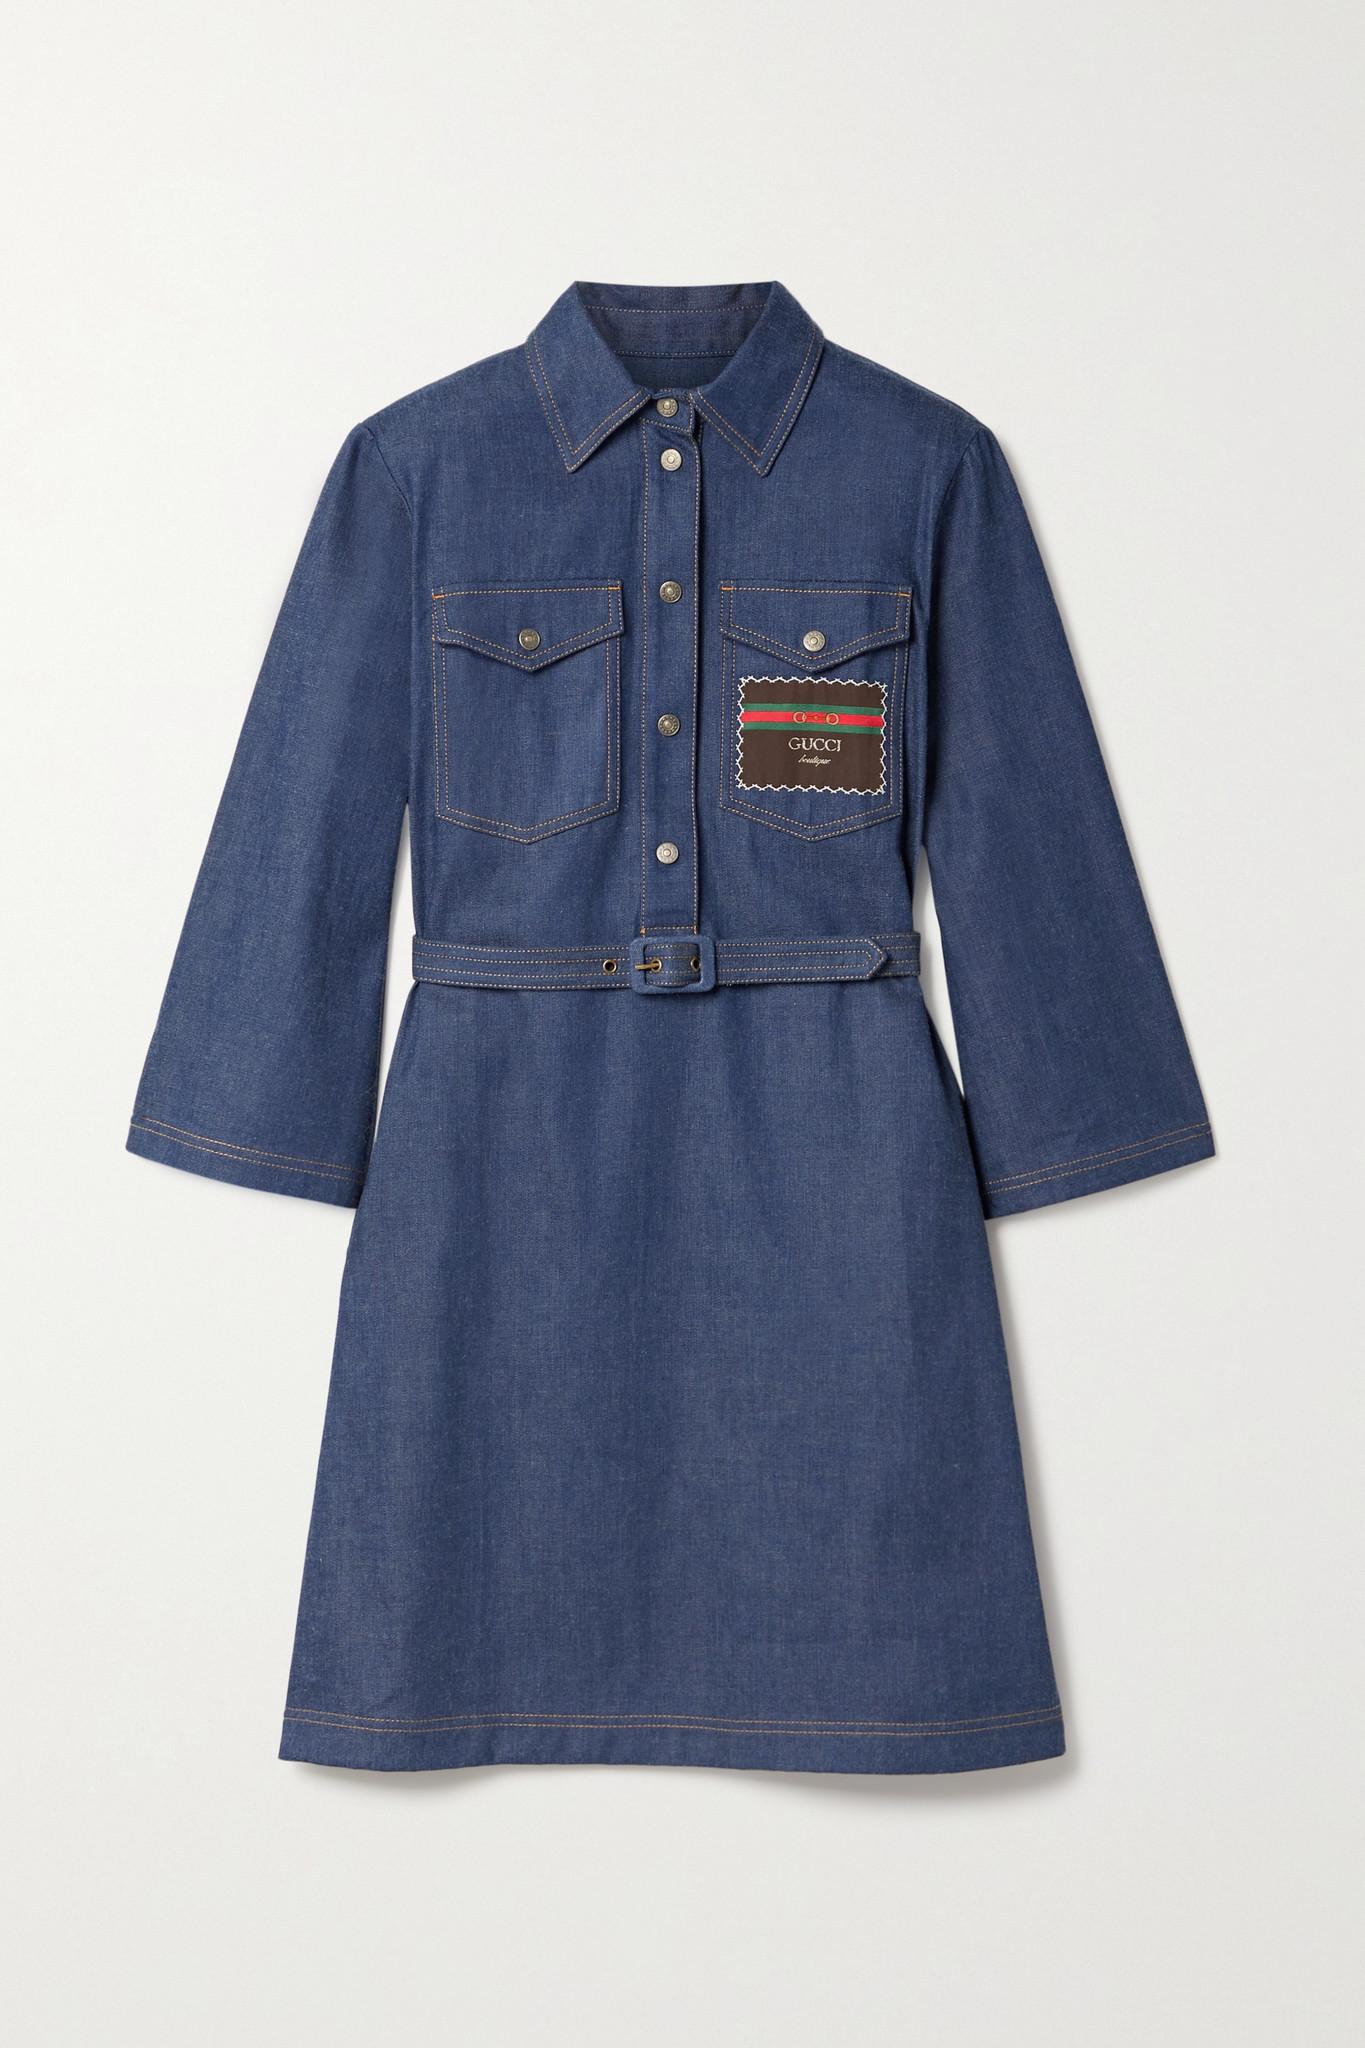 GUCCI - 配腰带贴花牛仔连衣裙 - 蓝色 - IT36